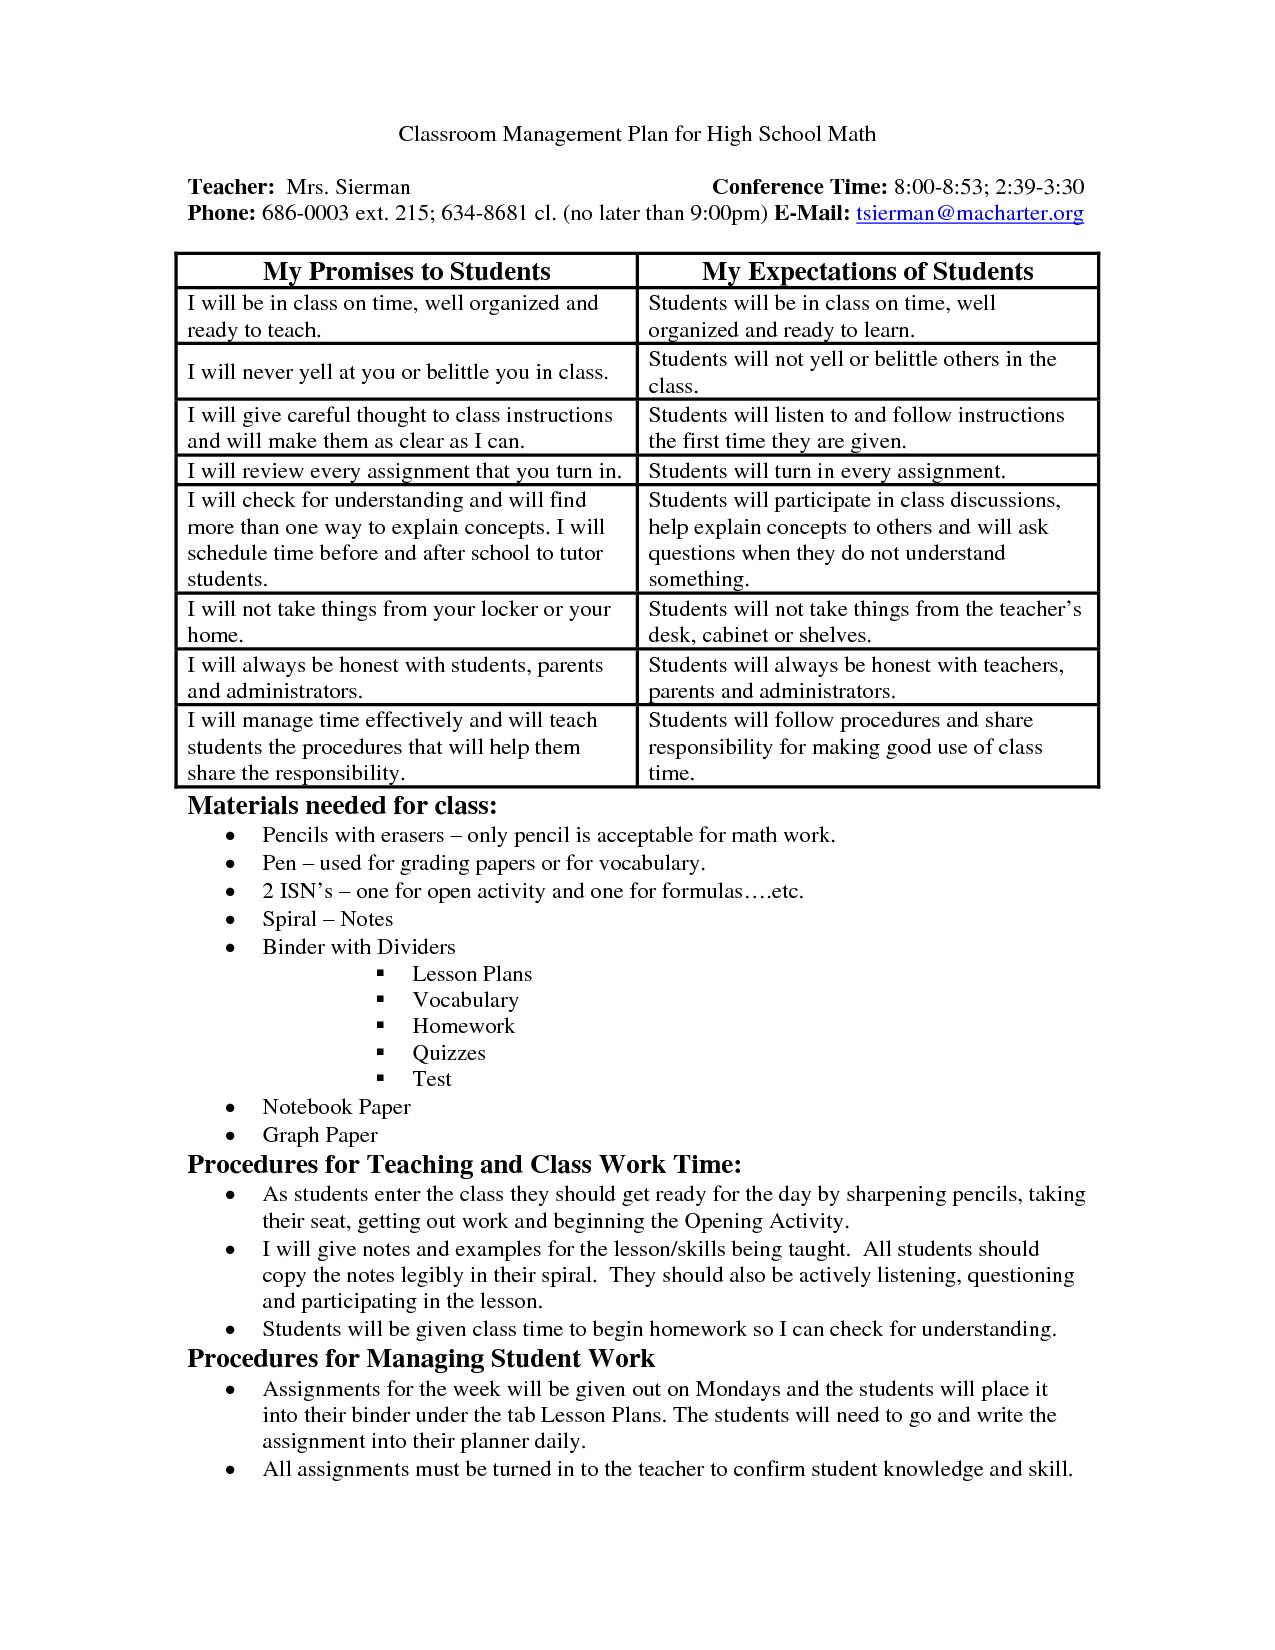 Discipline Worksheet For High School Teachers